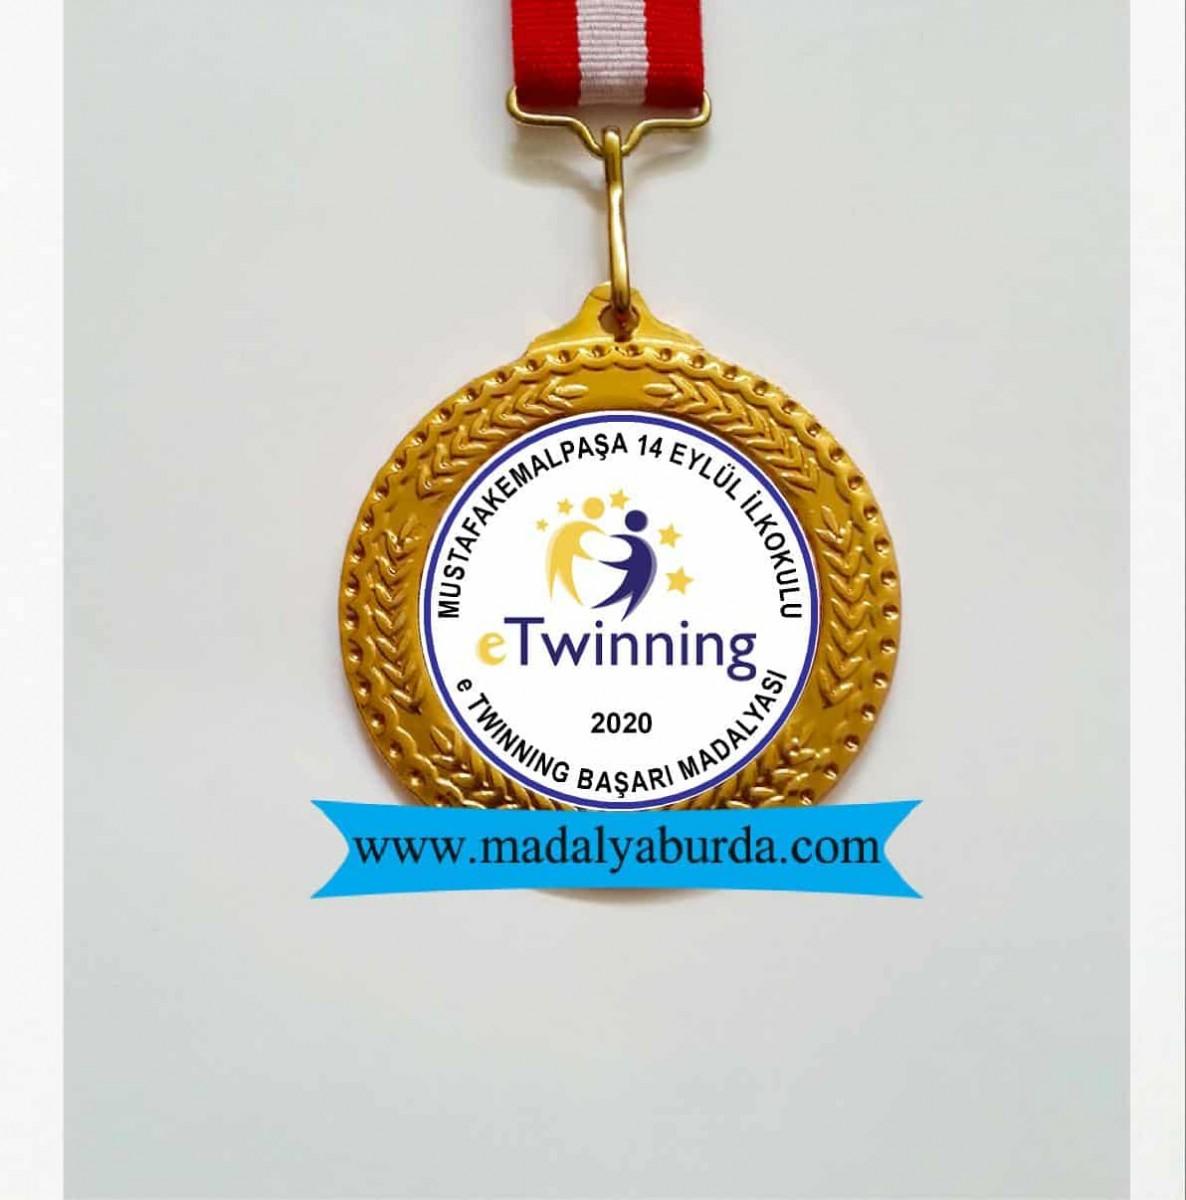 e Twinning başarı ödülü